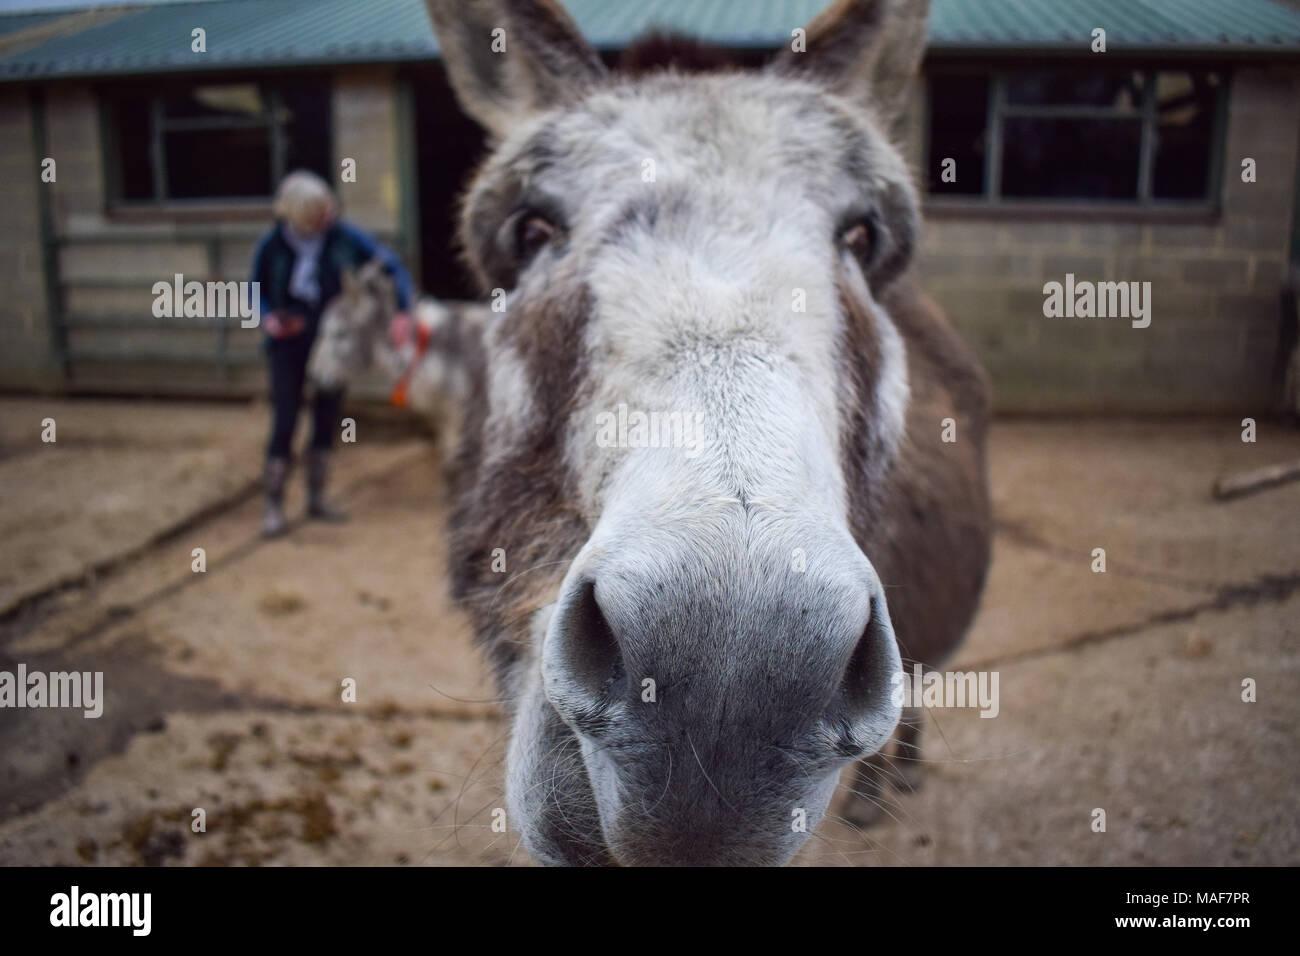 Donkey close up - Stock Image